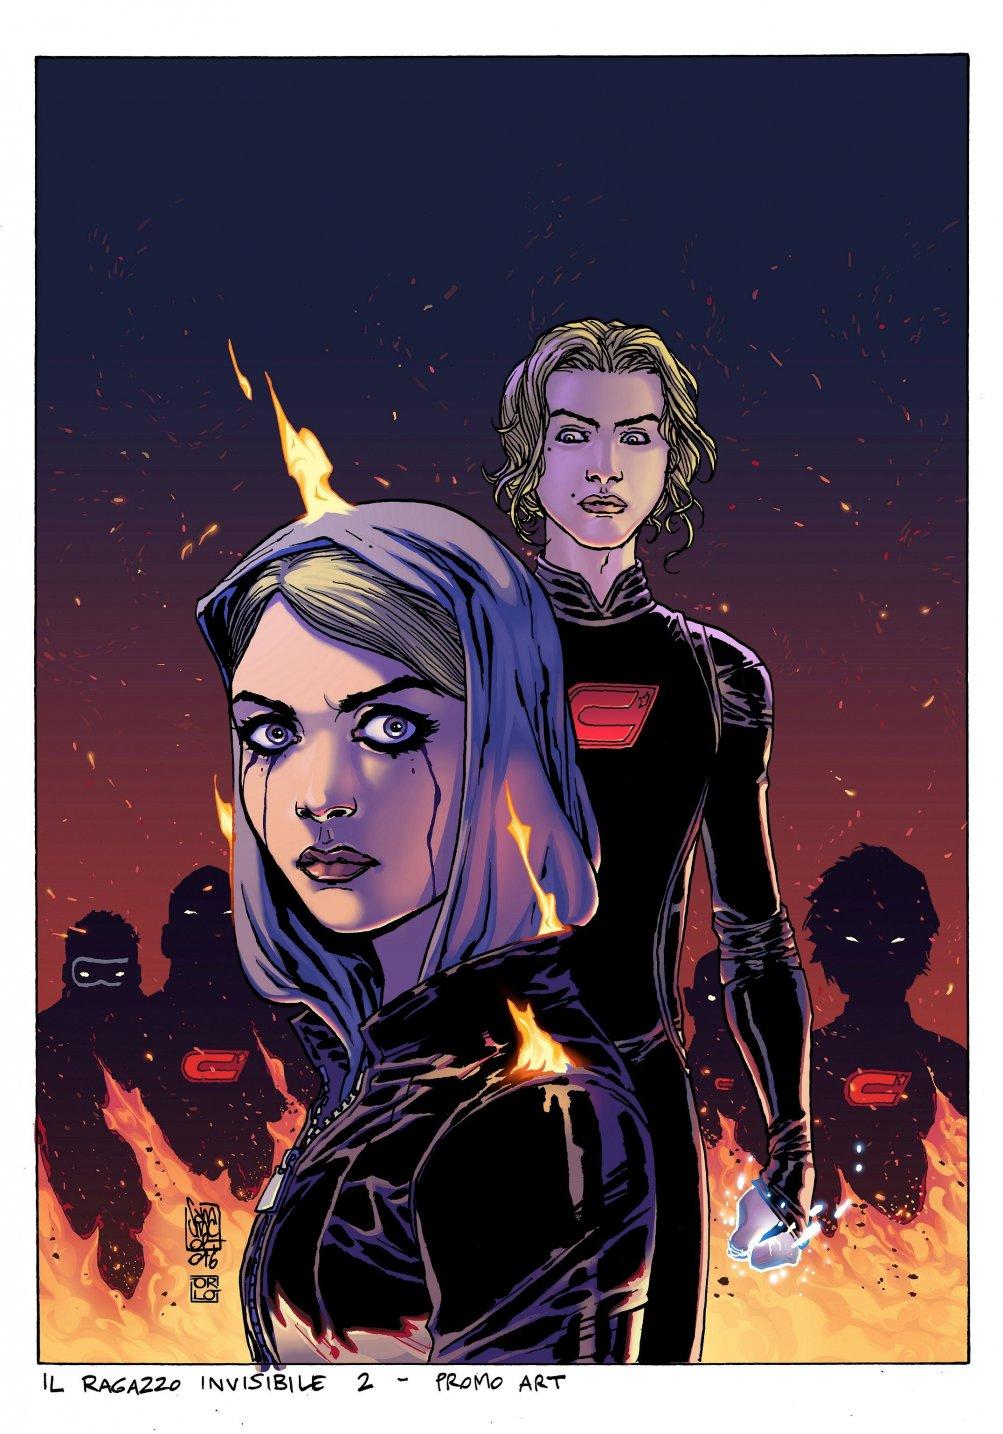 Il ragazzo invisibile - Seconda generazione: la cover della graphic novel